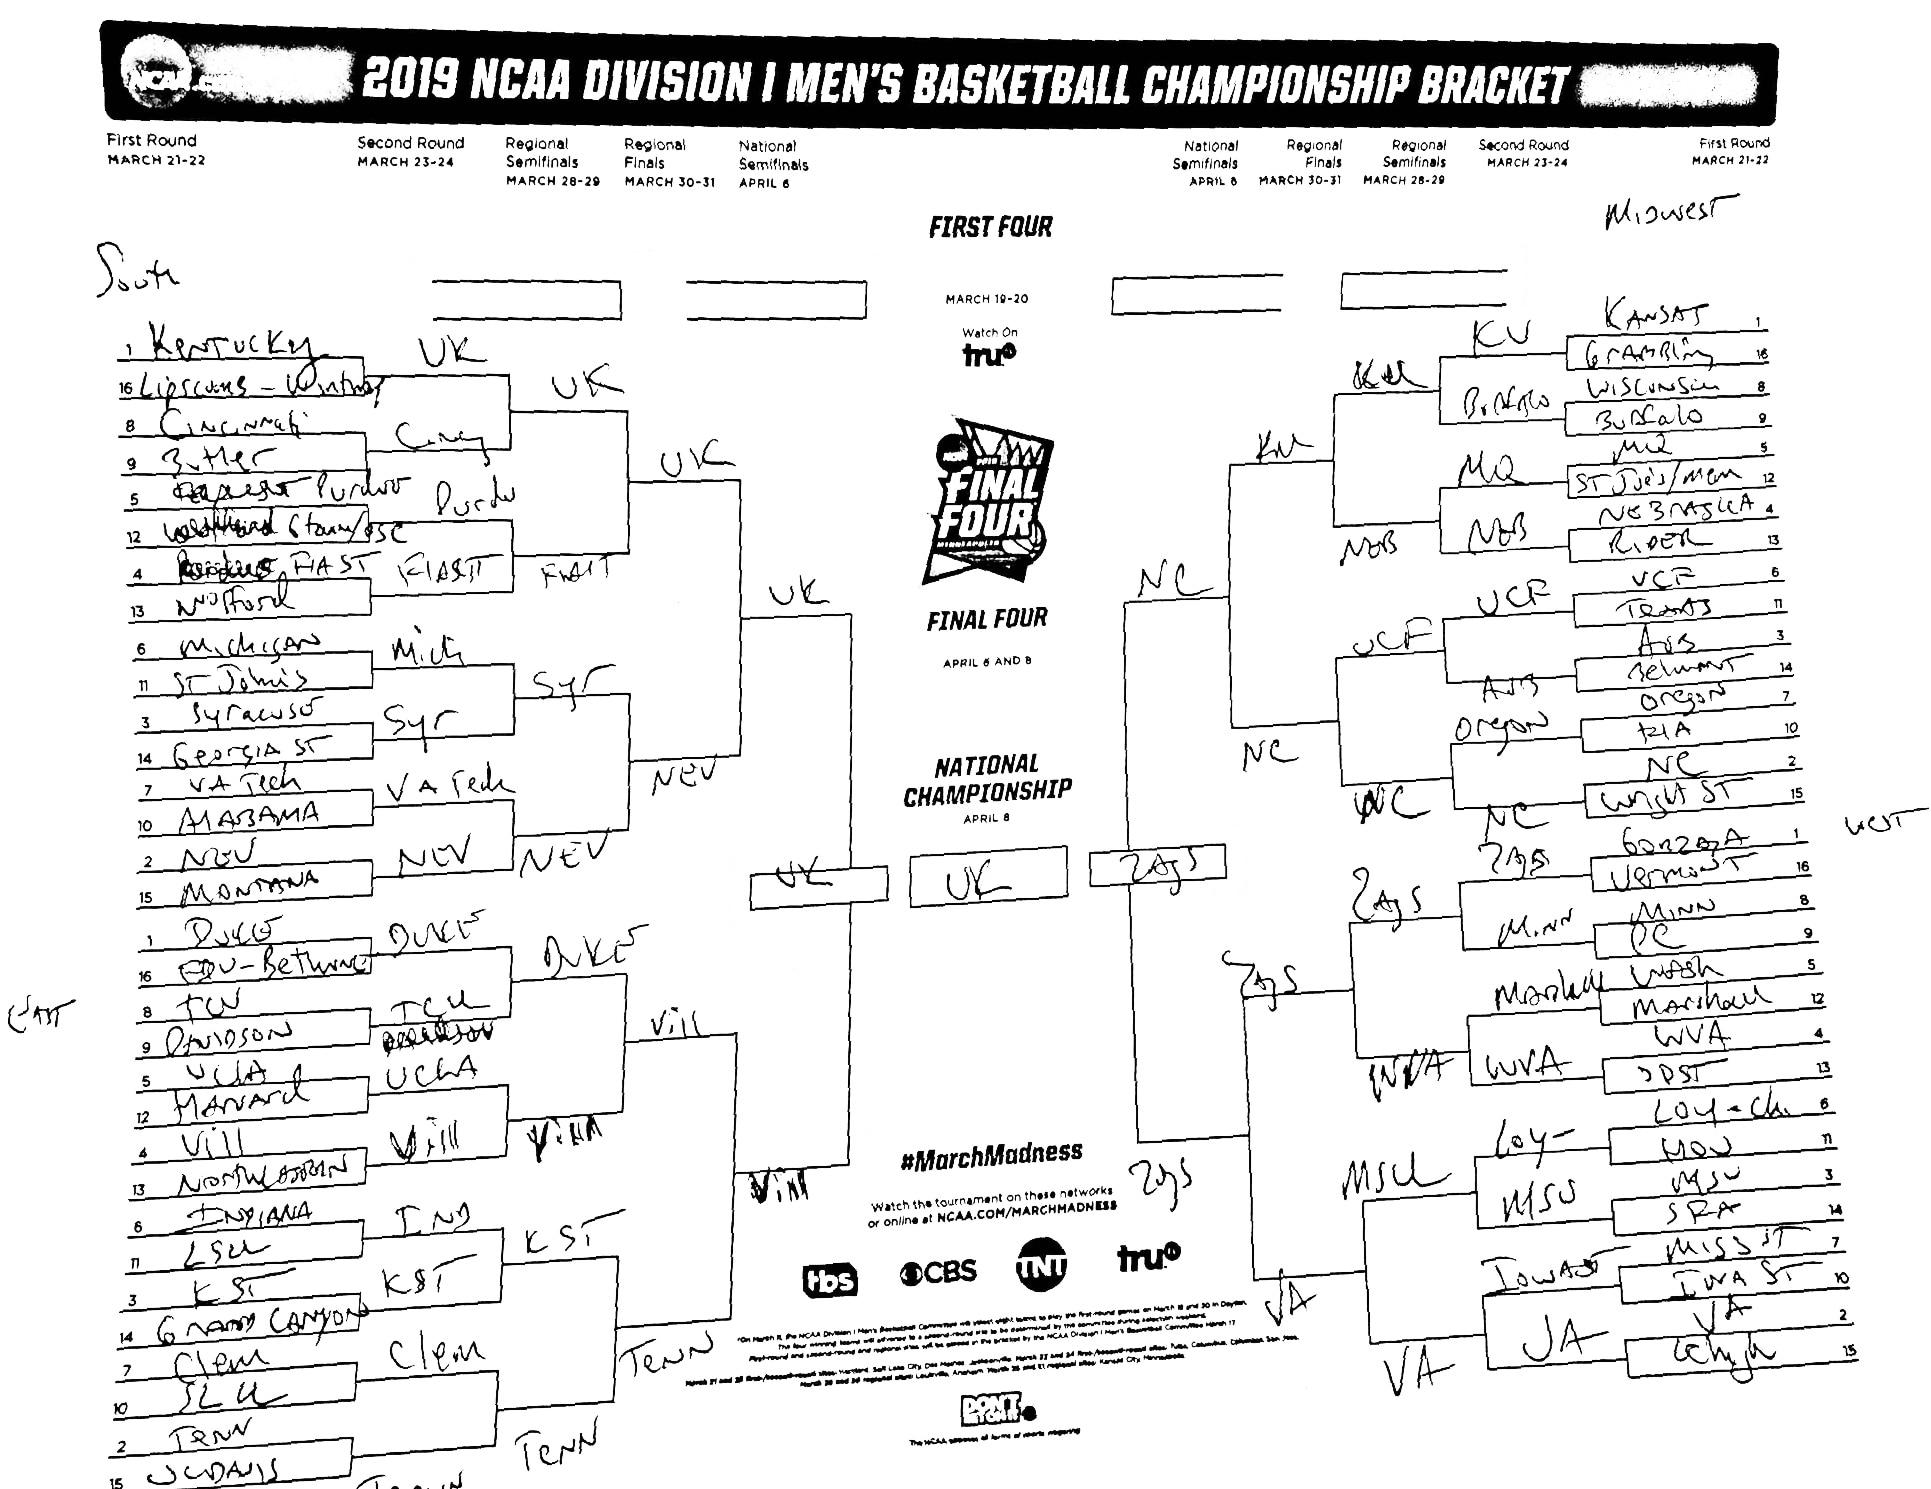 Andy Katz's preseason NCAA tournament bracket for the 2019 tournament.